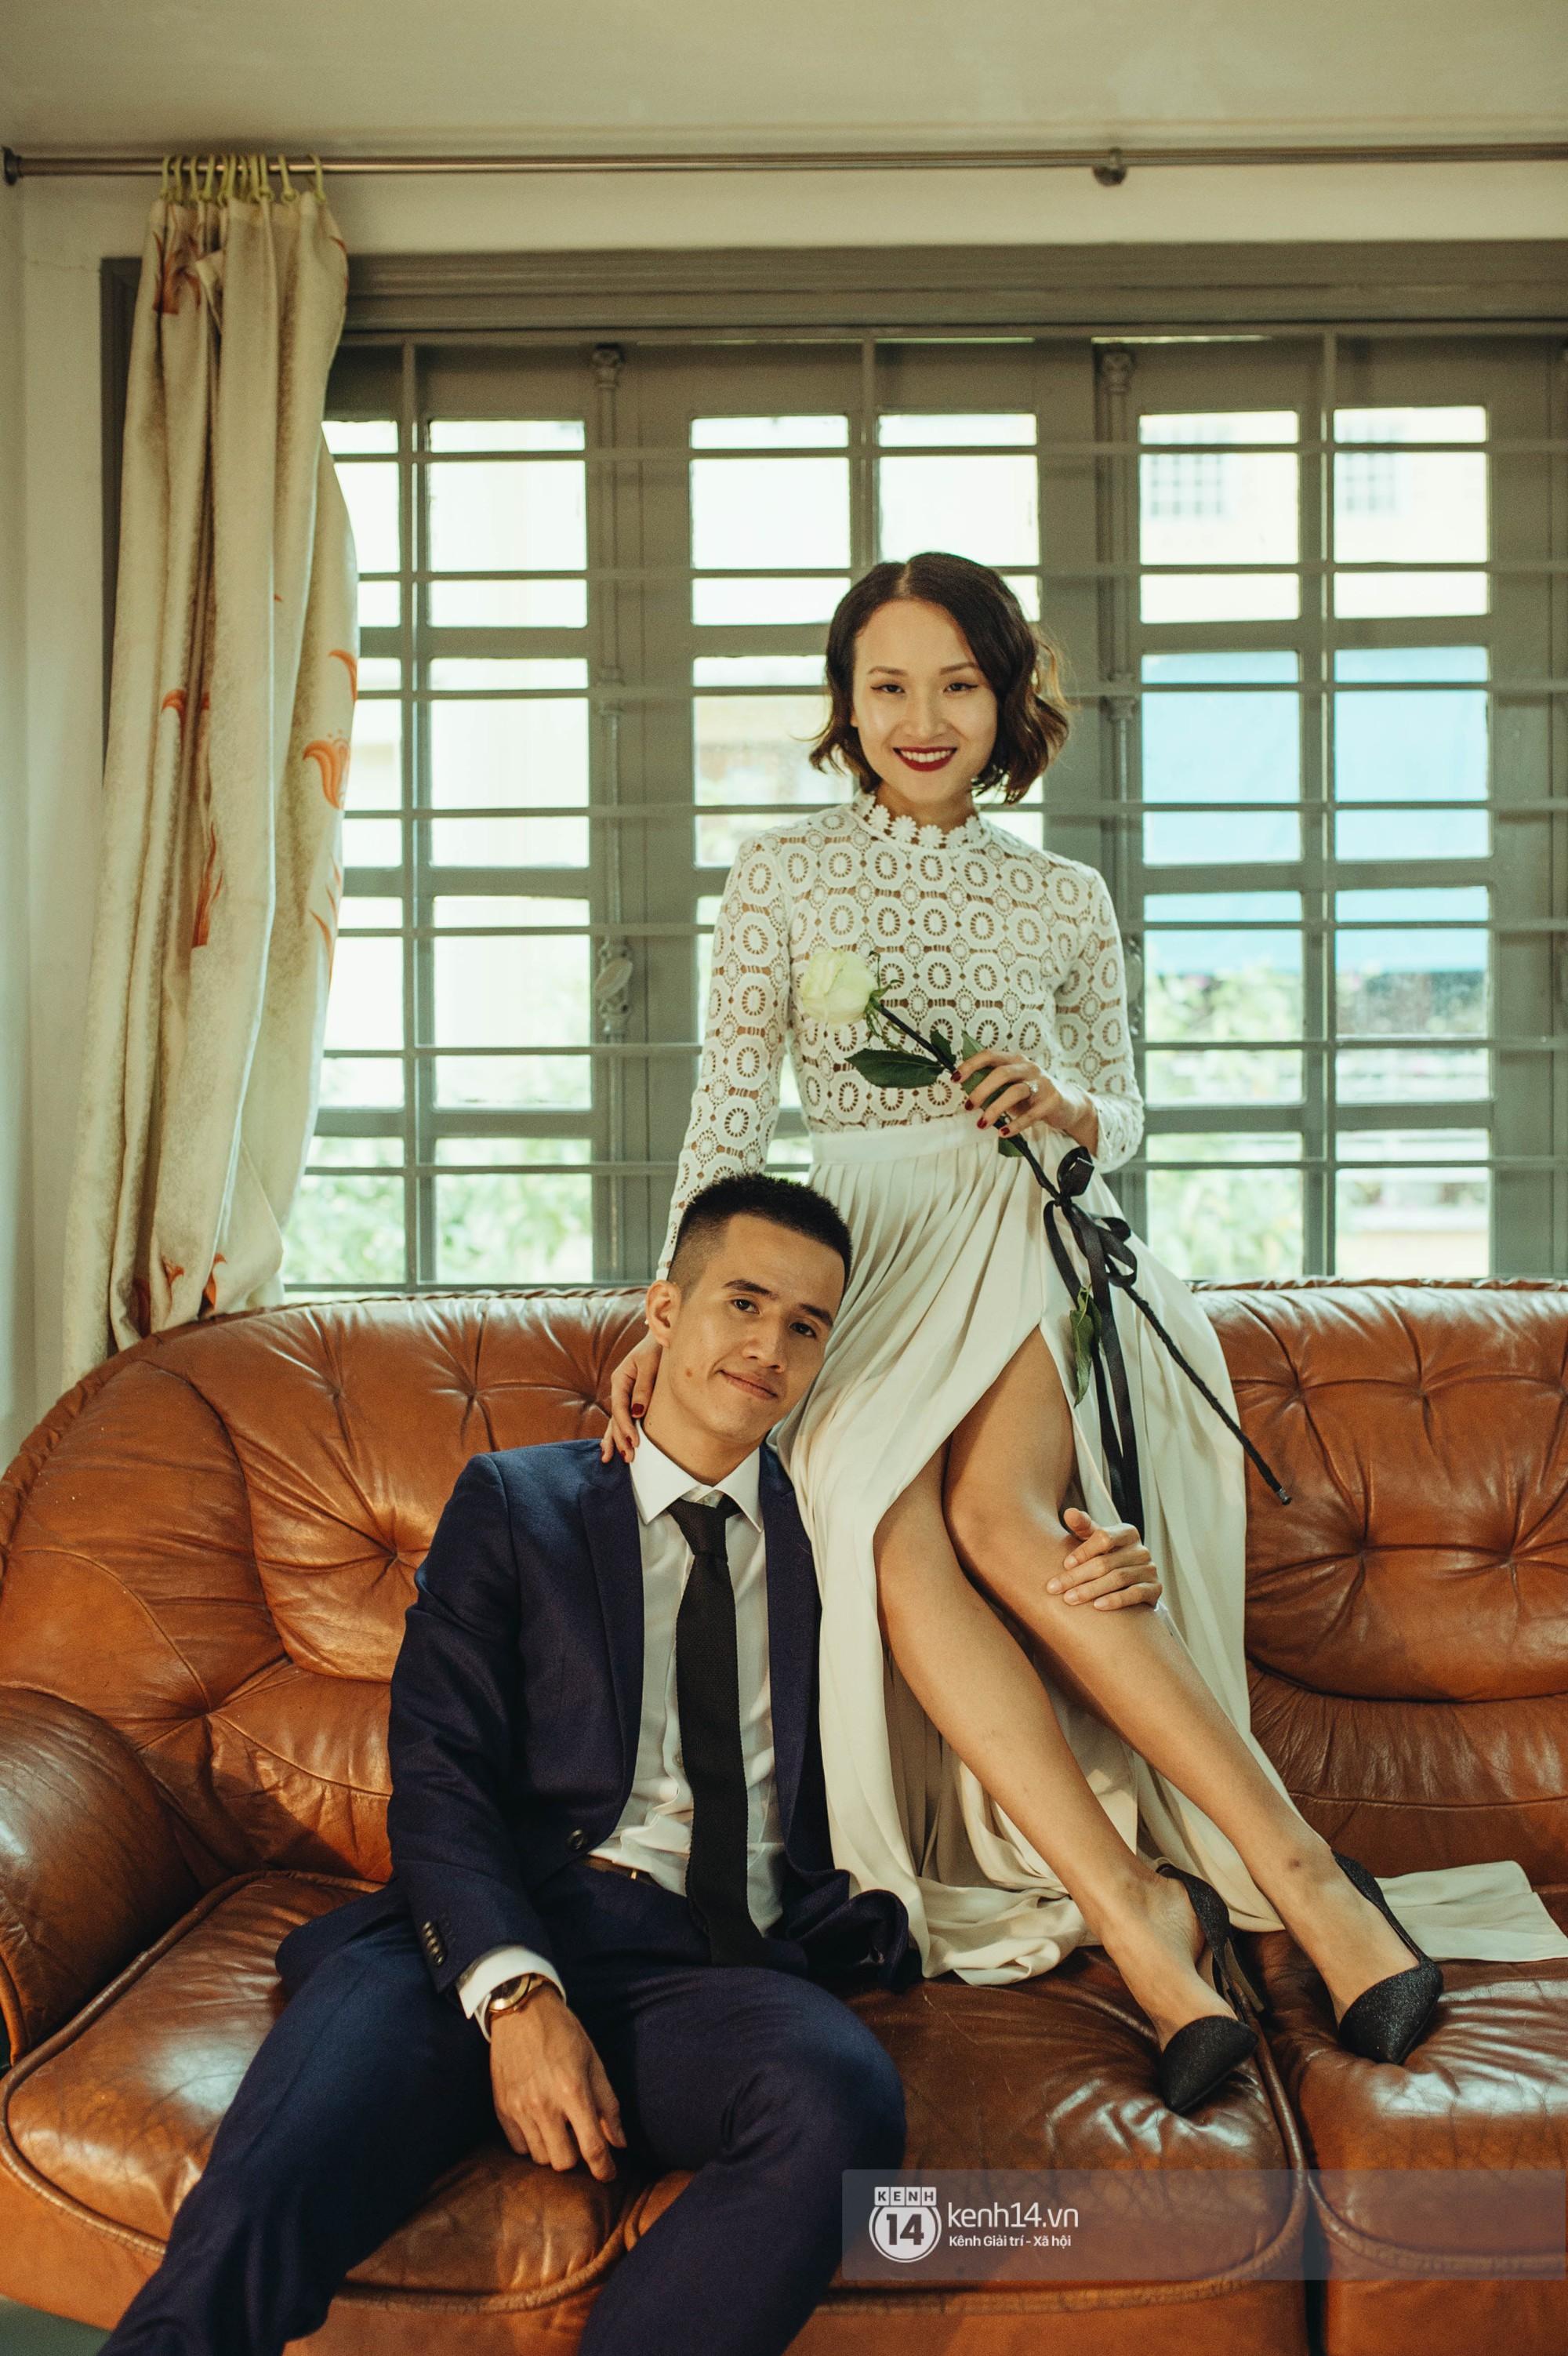 6 năm hẹn hò với bạn thân của hot Vlogger Giang Ơi khép lại bằng đám cưới giản dị nhưng đong đầy hạnh phúc - Ảnh 9.